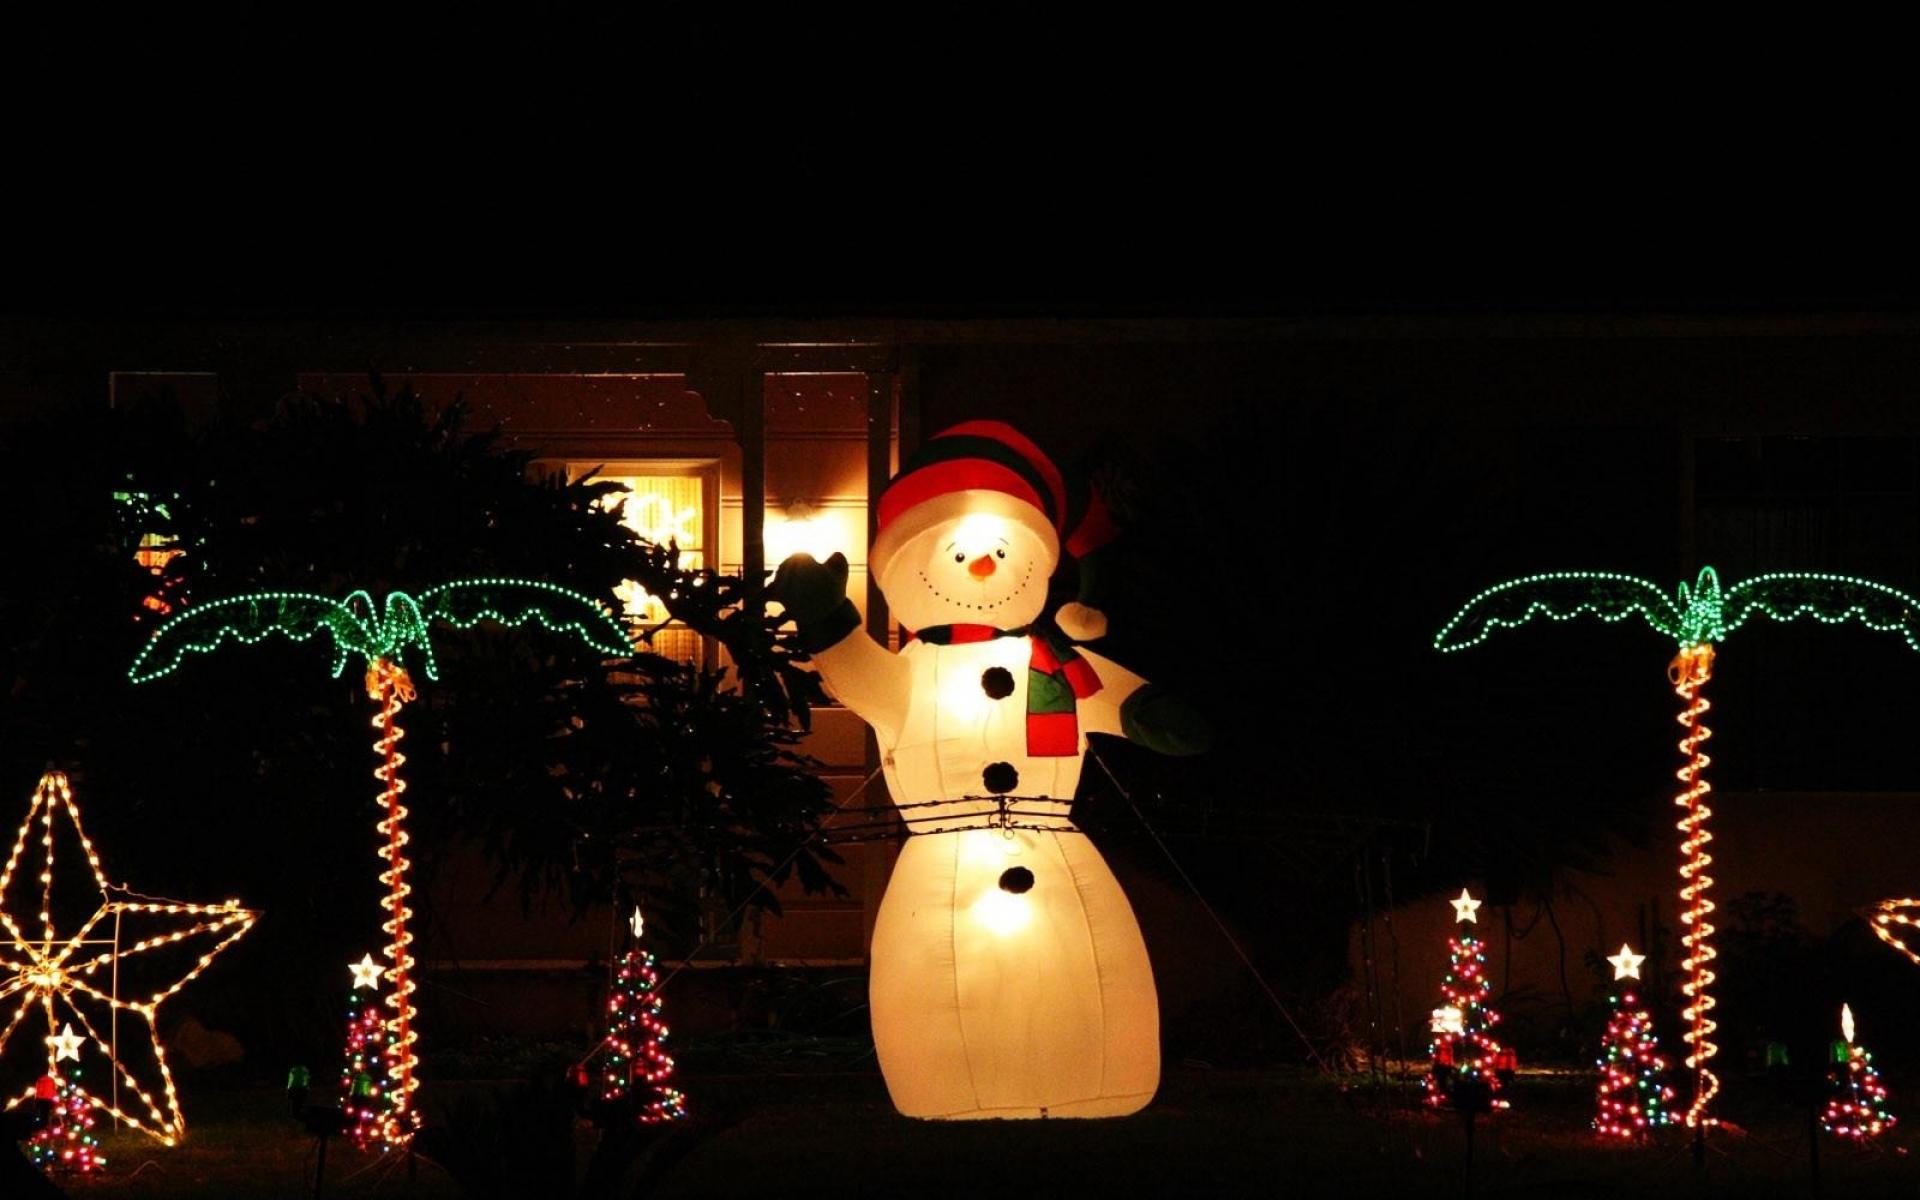 Картинки Снеговик, ночь, украшения, деревья, гирлянды, праздник фото и обои на рабочий стол